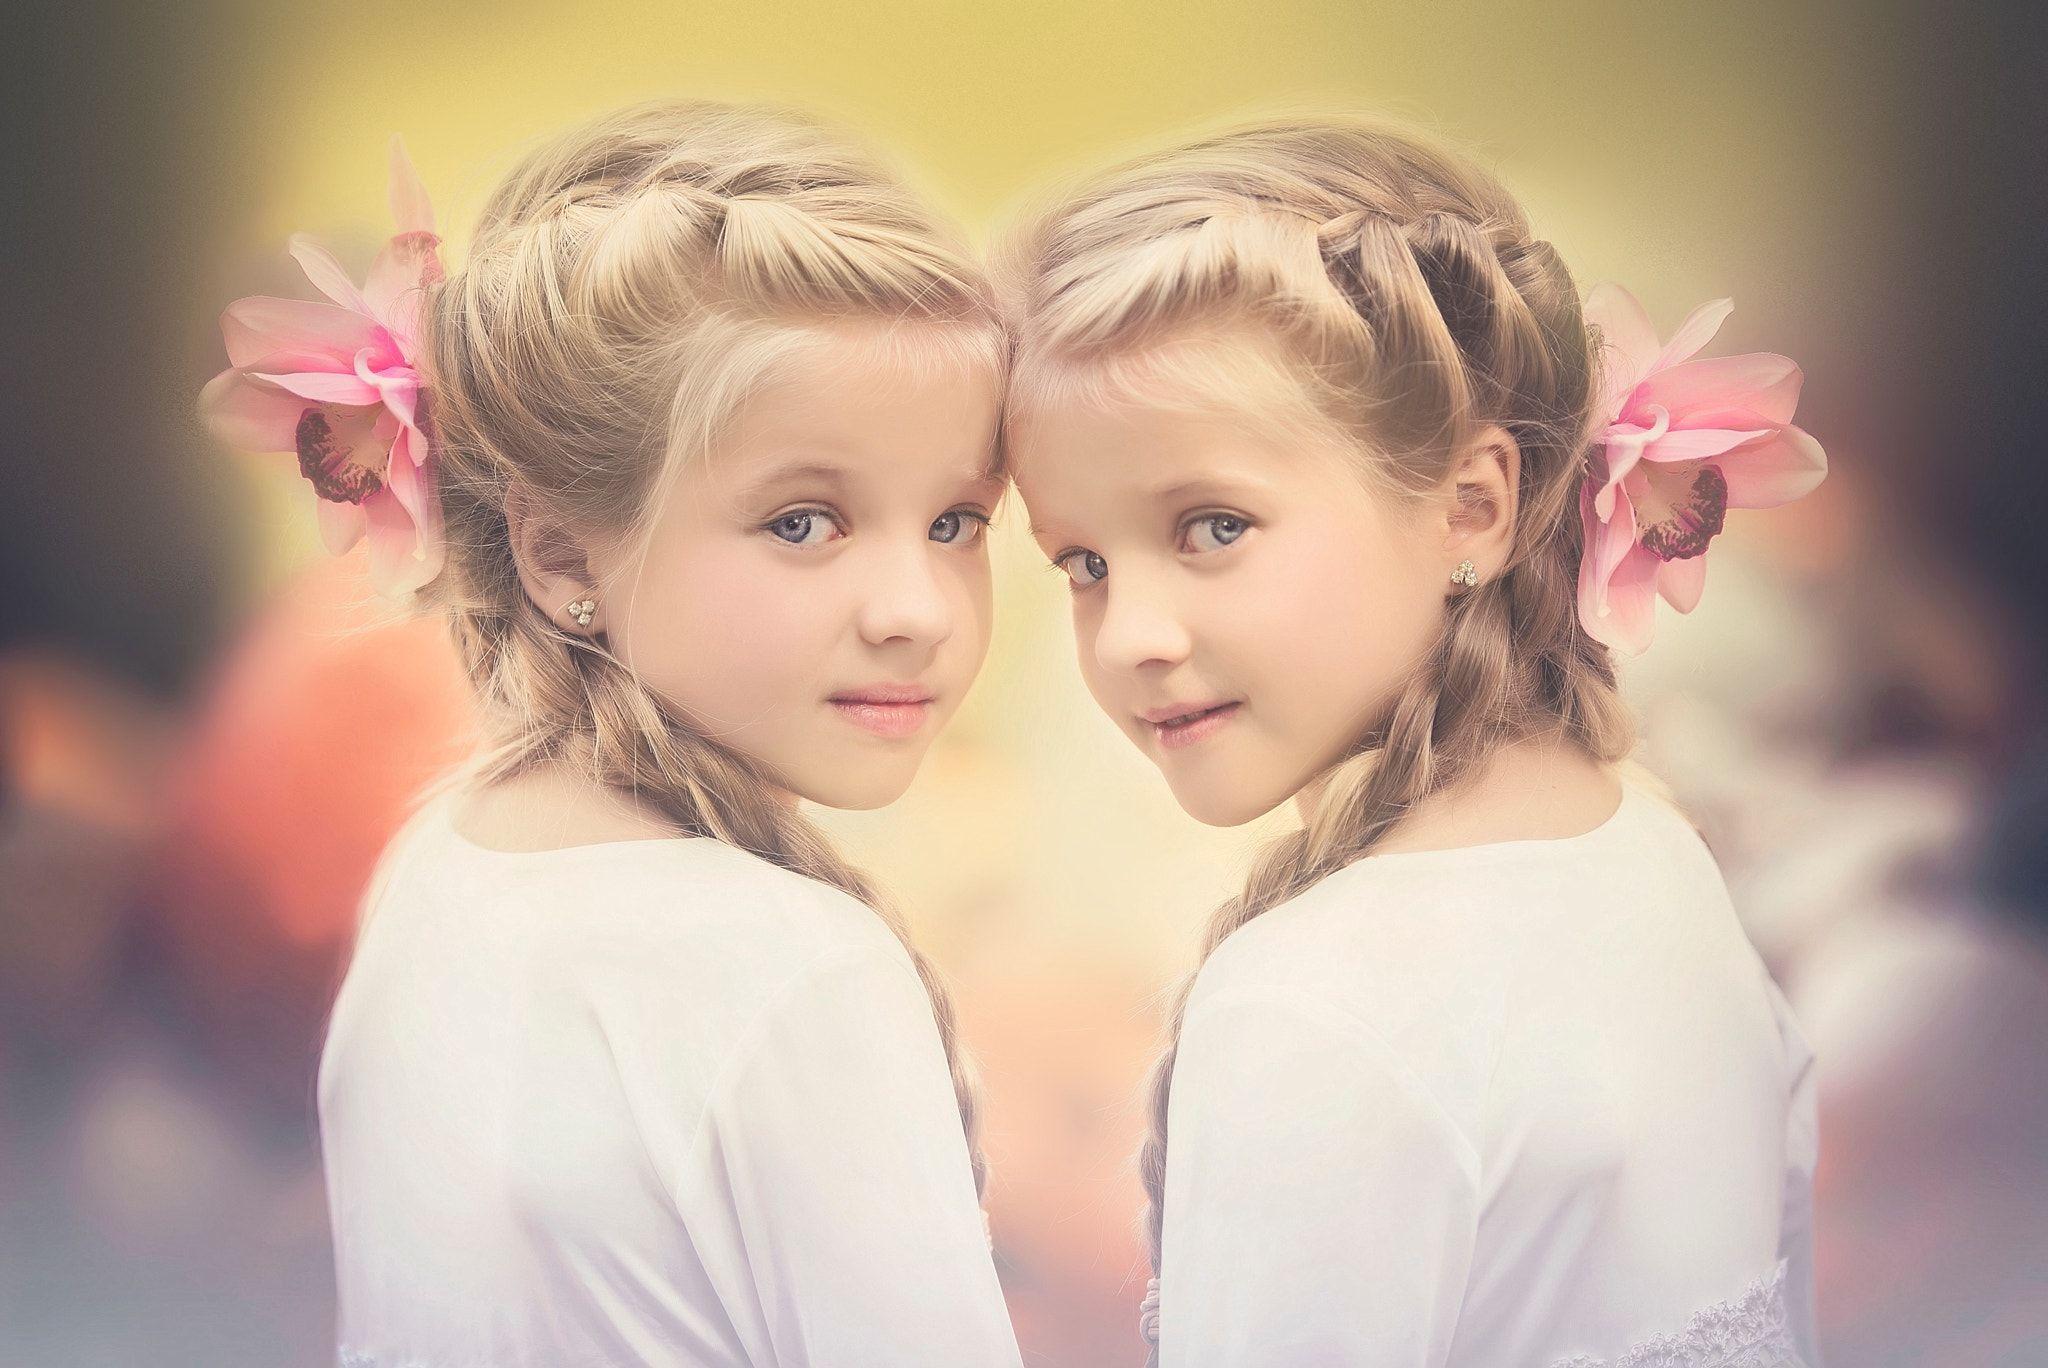 подруги картинки с малышом фотолюминесцентный материал